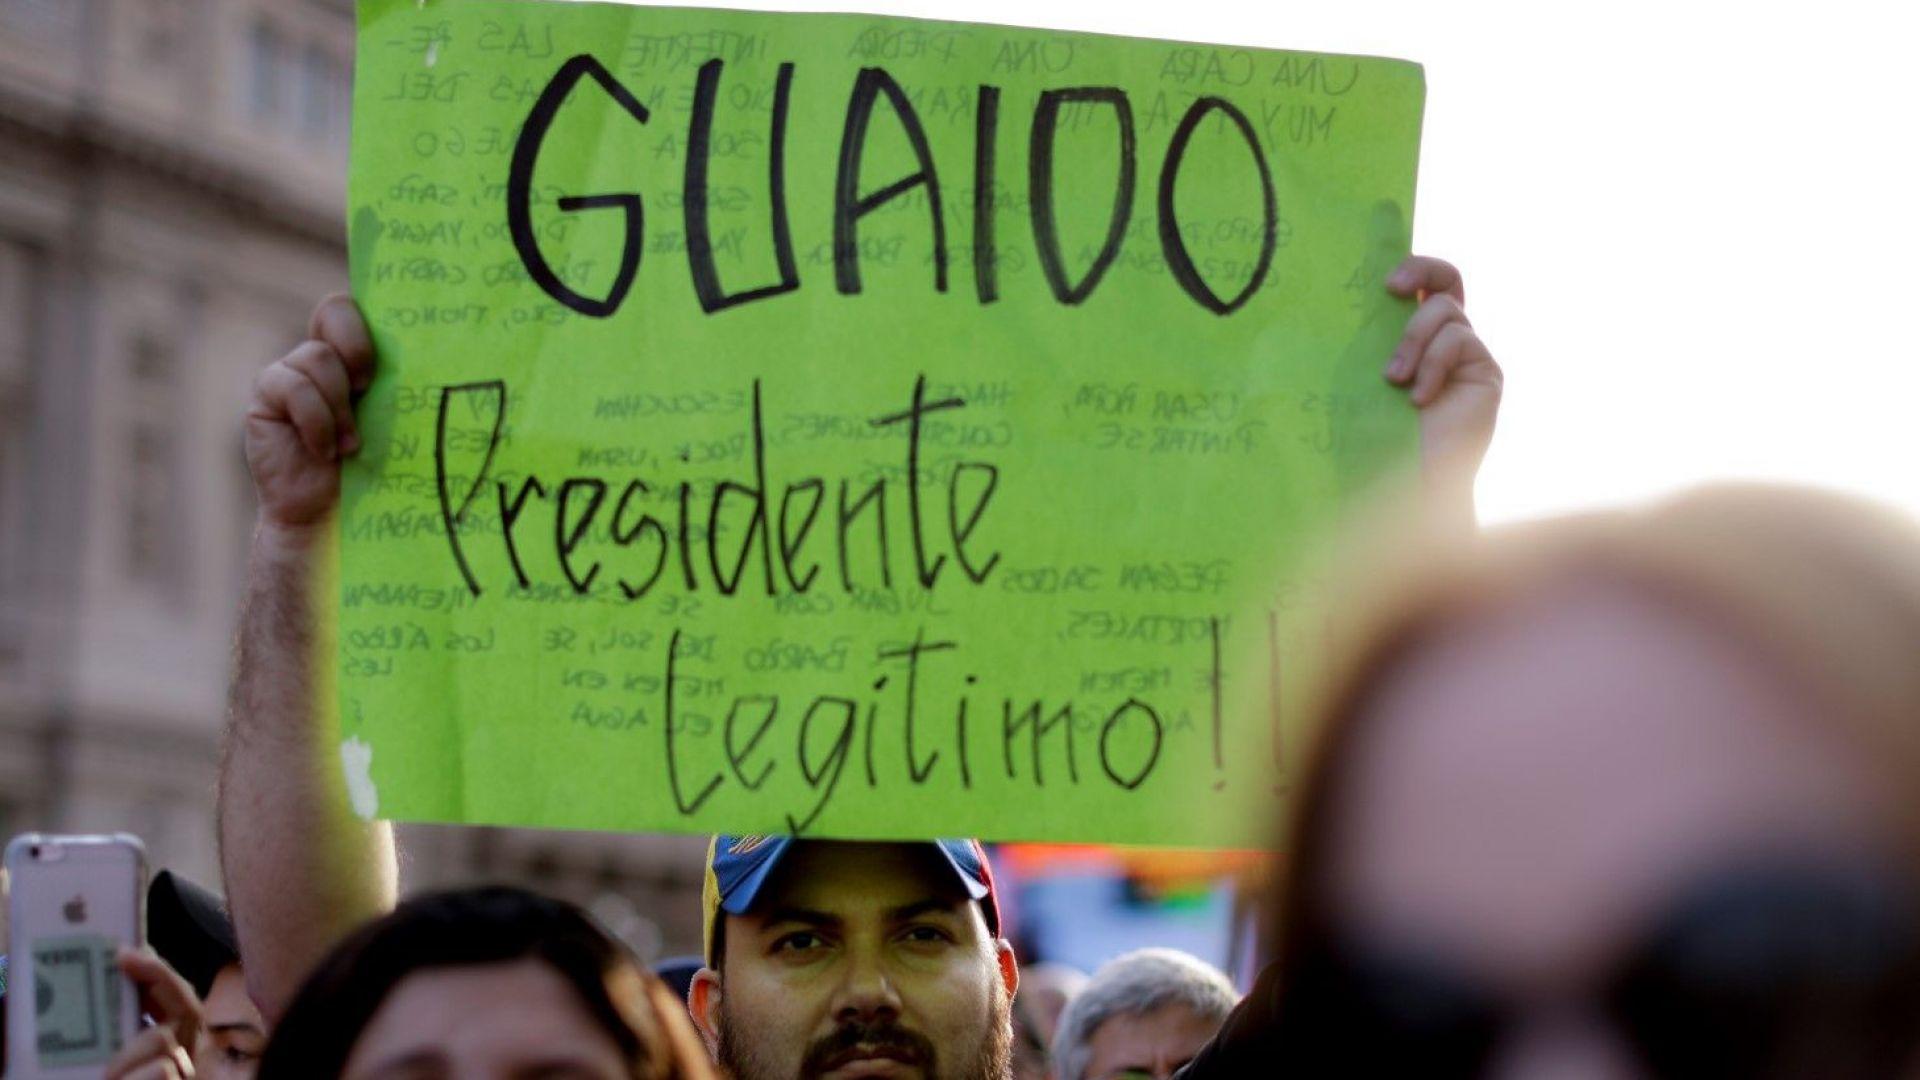 Държавите членки на ЕС започват да признават Гуайдо от понеделник